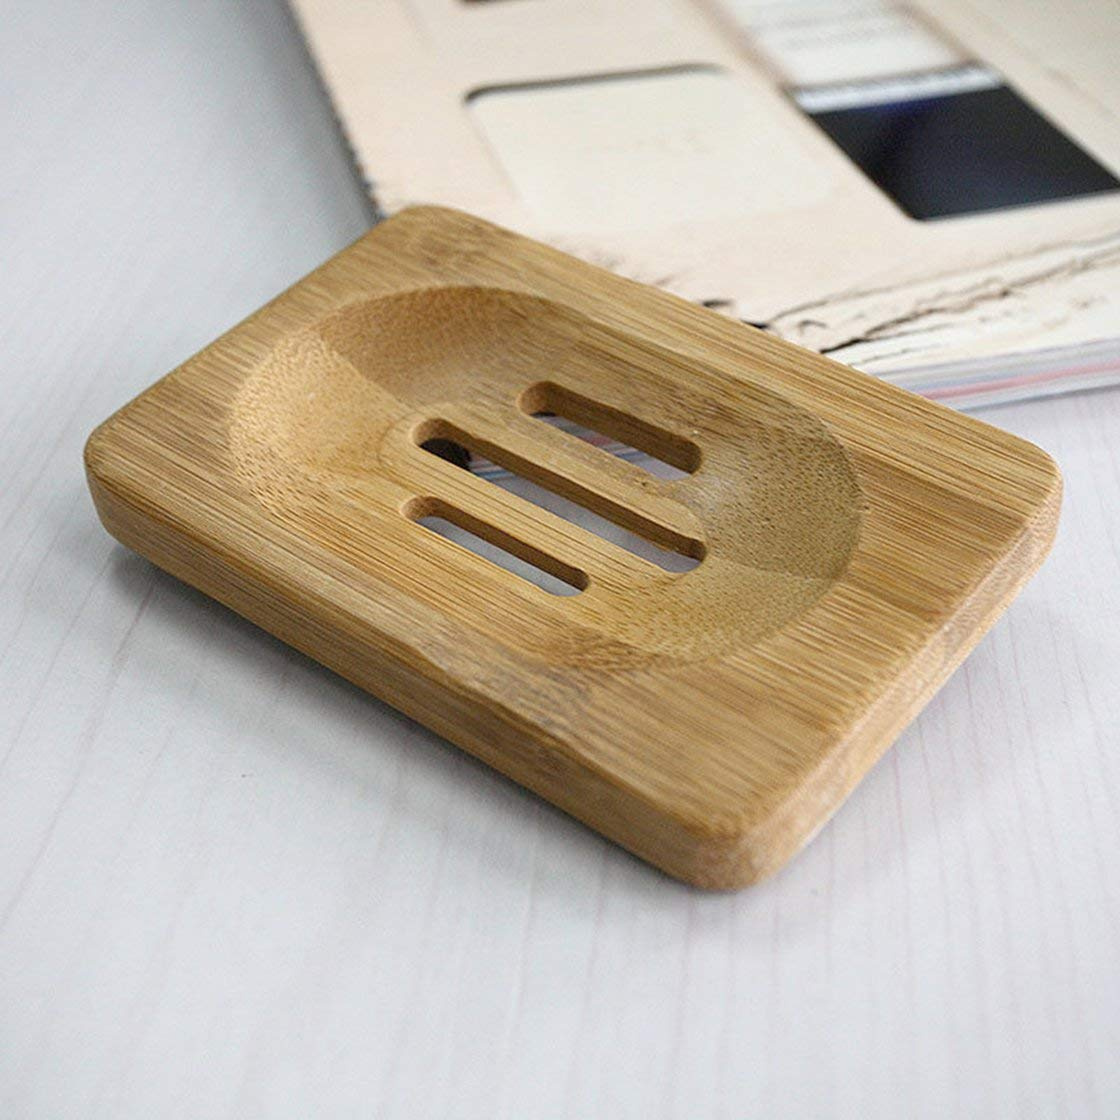 Gwendoll Burly-Wood Ba/ño de ba/ño Jabonera de ba/ño Plato de Ducha Plato de jab/ón Caja de jab/ón de Madera Natural Jab/ón de Viaje Ba/ño Producto de ba/ño